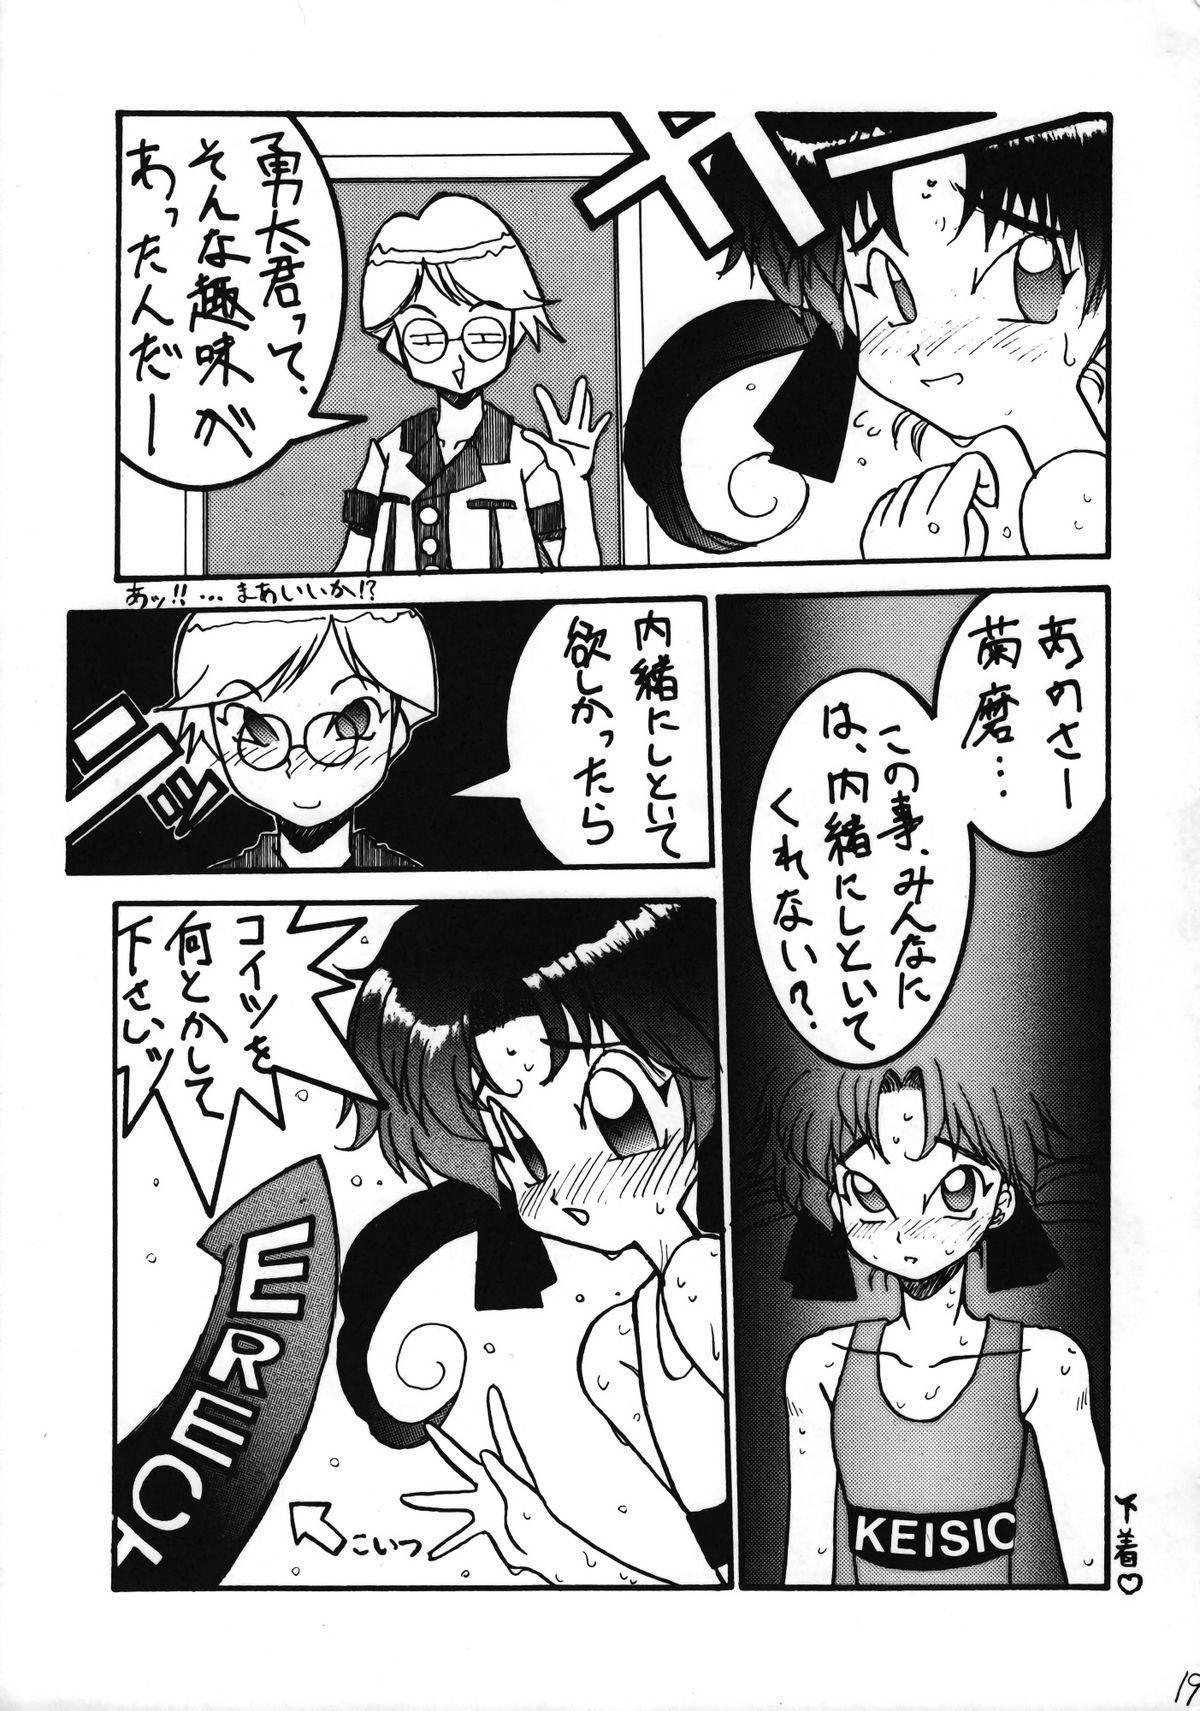 Ikenai! Otokonoko Hon Boy's H Book 2 19